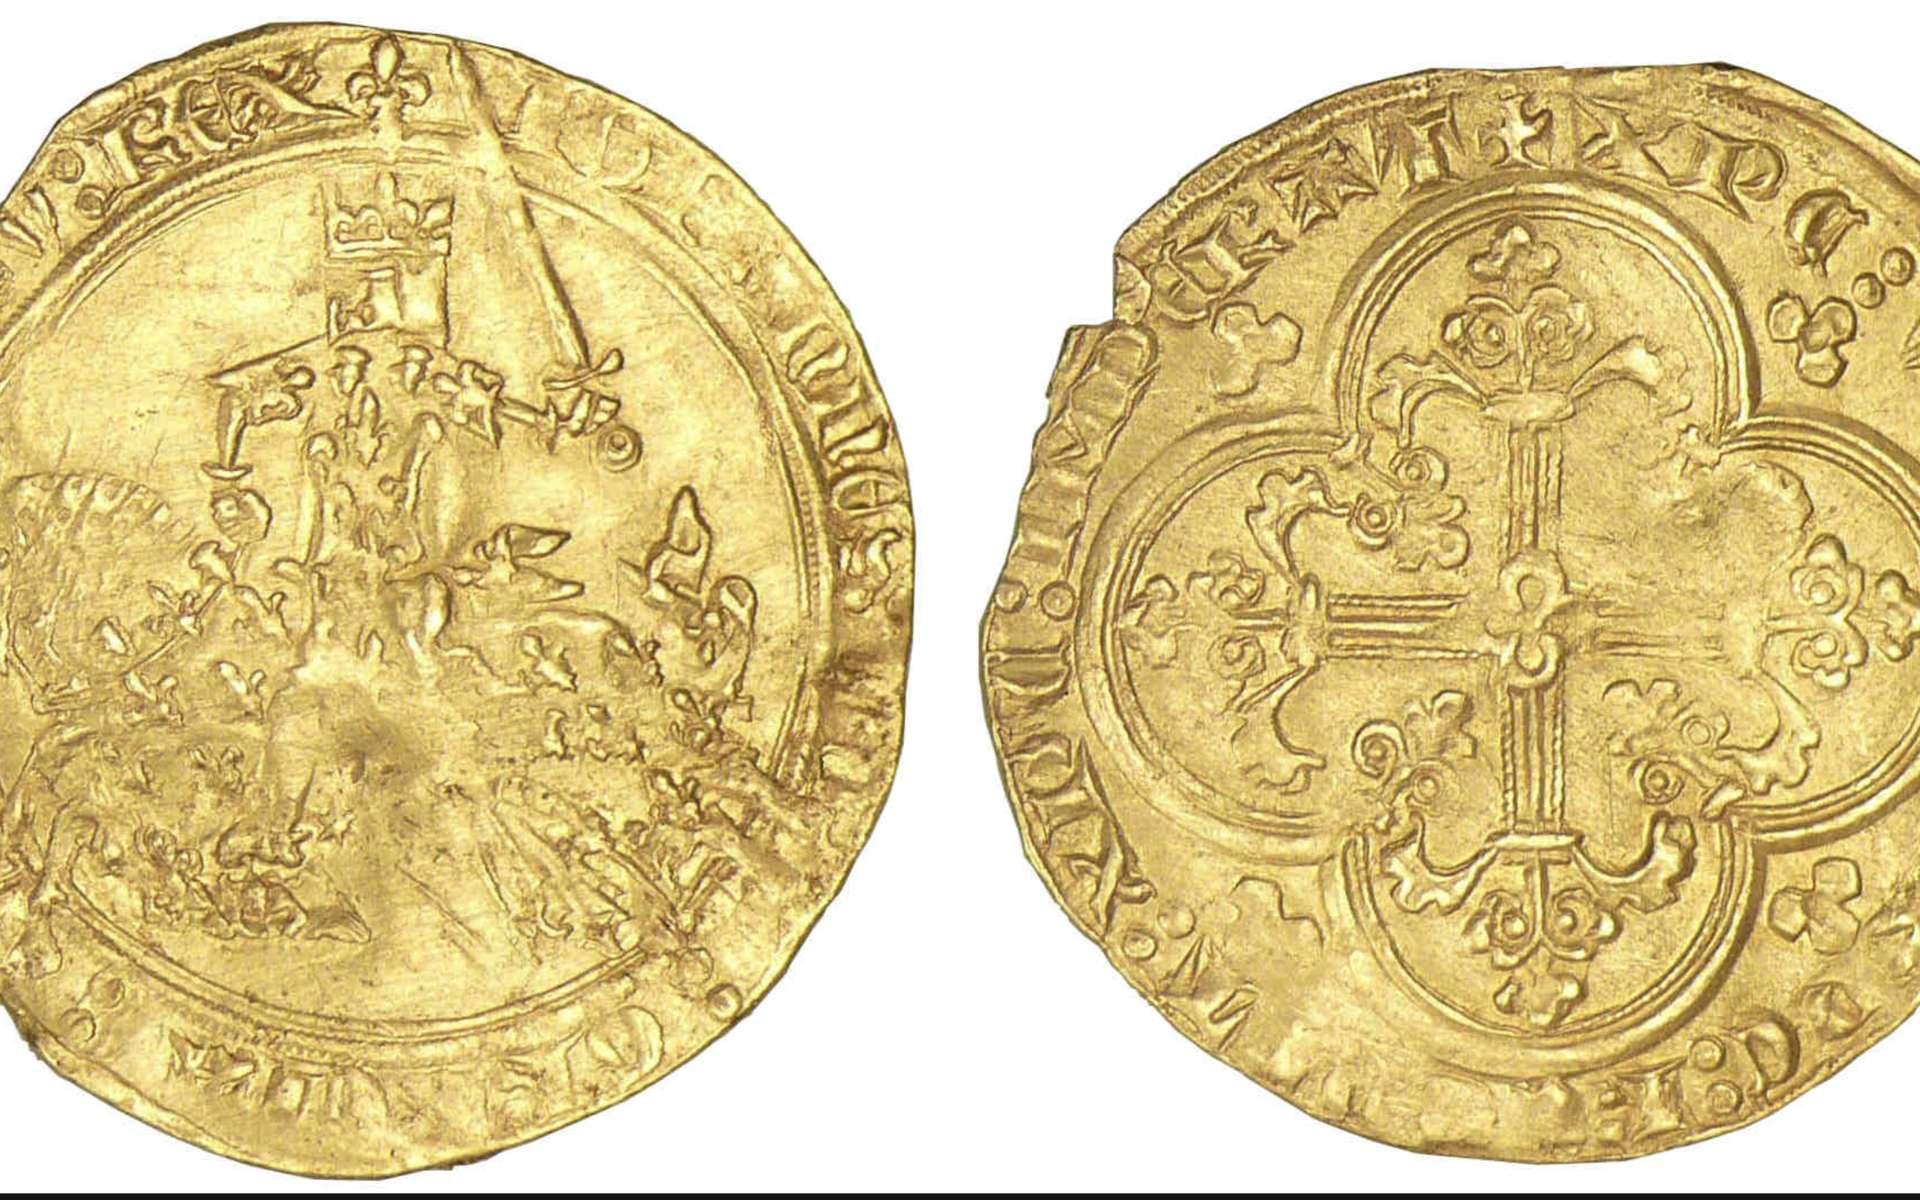 La monnaie au Moyen Âge était rarement utilisée par la population rurale. Ici, monnaie Jean II Le Bon, franc à cheval. © Monnaies d'antan, Google Images